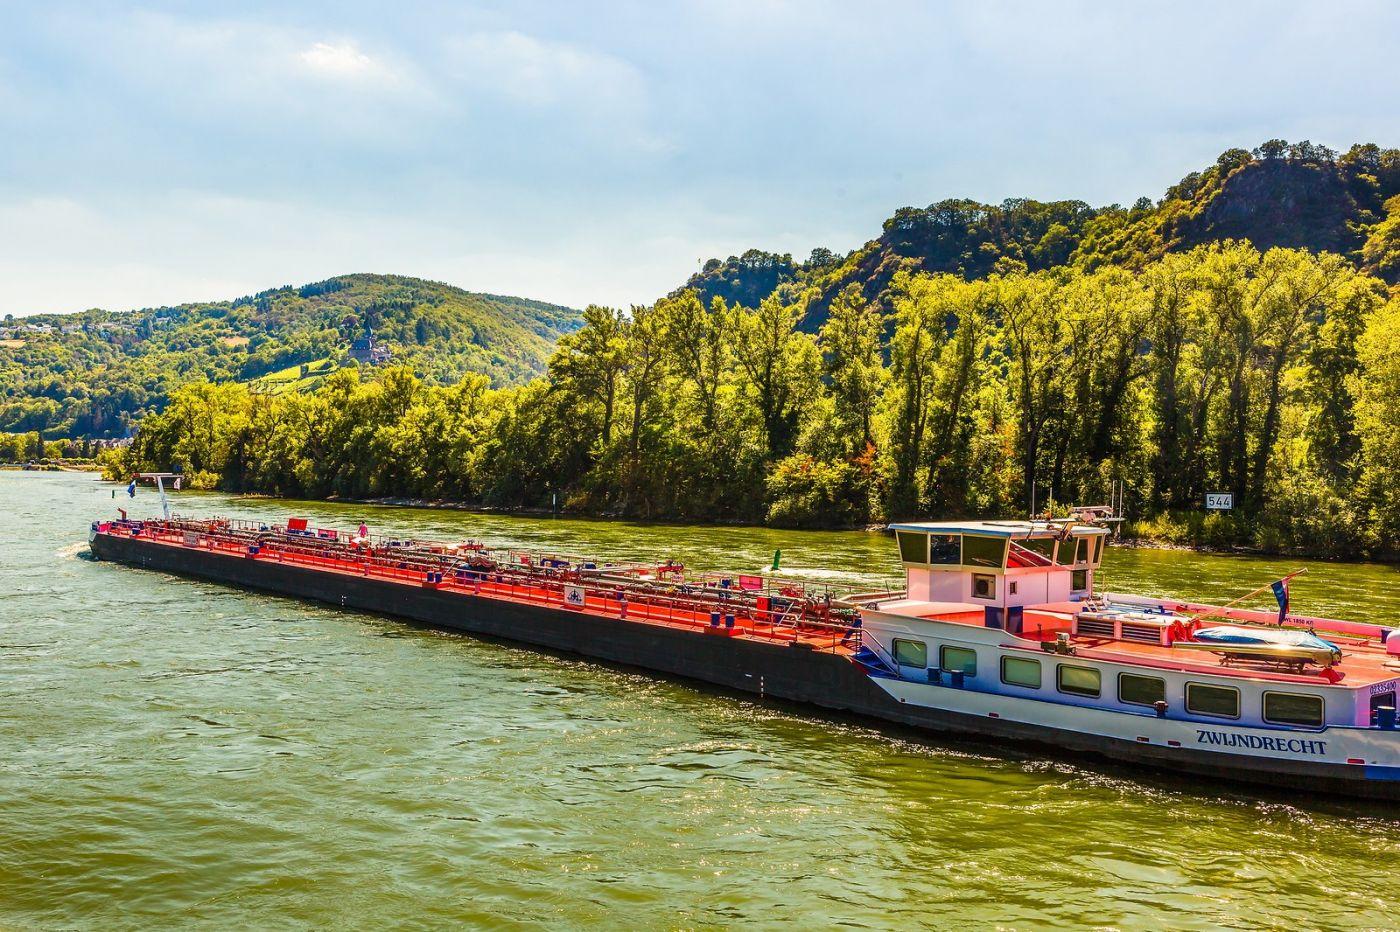 畅游莱茵河,游船商船另一道景_图1-6